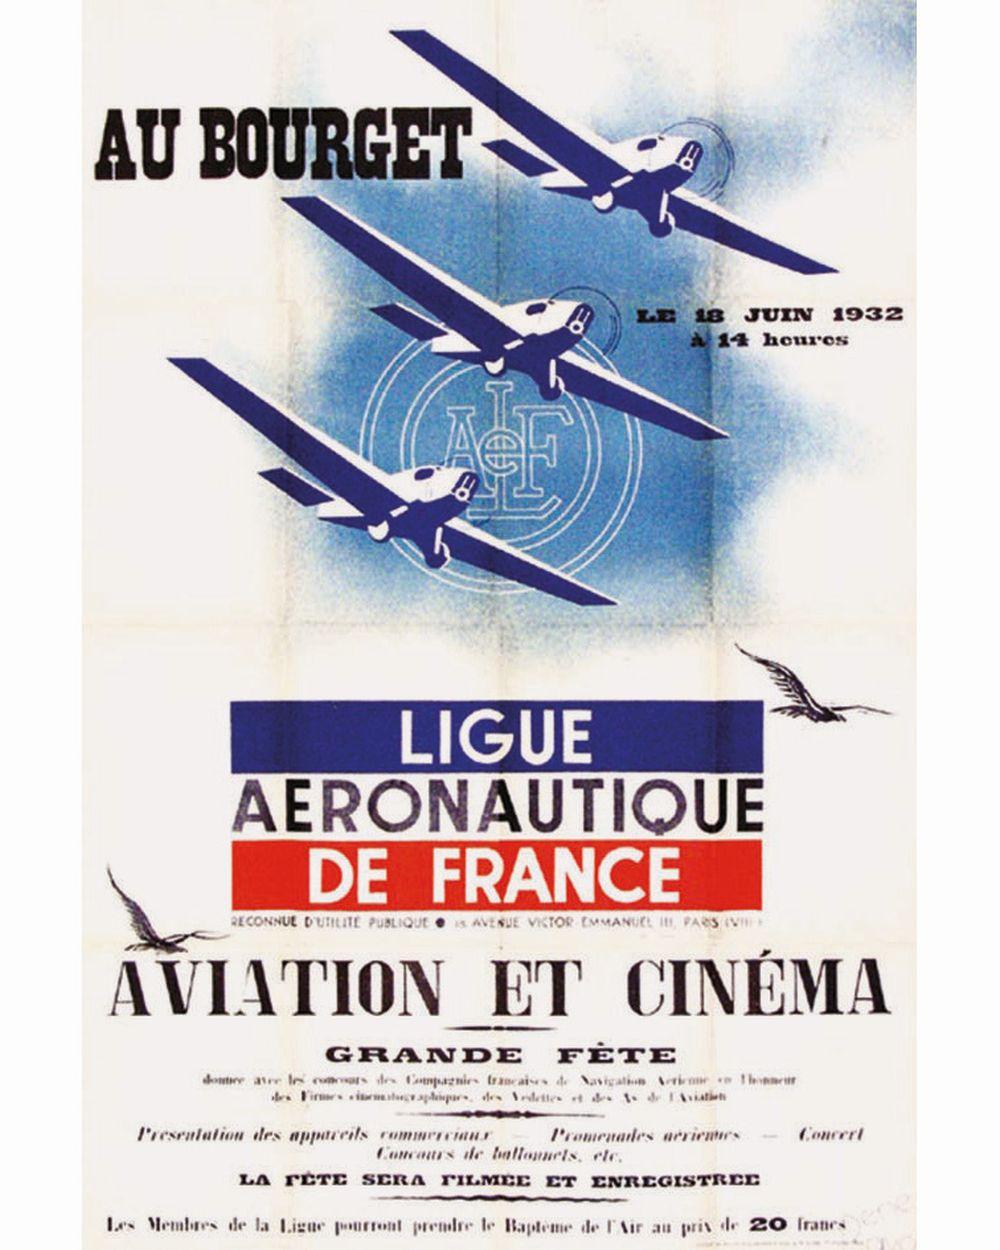 RAVO RENE - Ligue Aéronautique de France - Au Bourget - 1932     1932